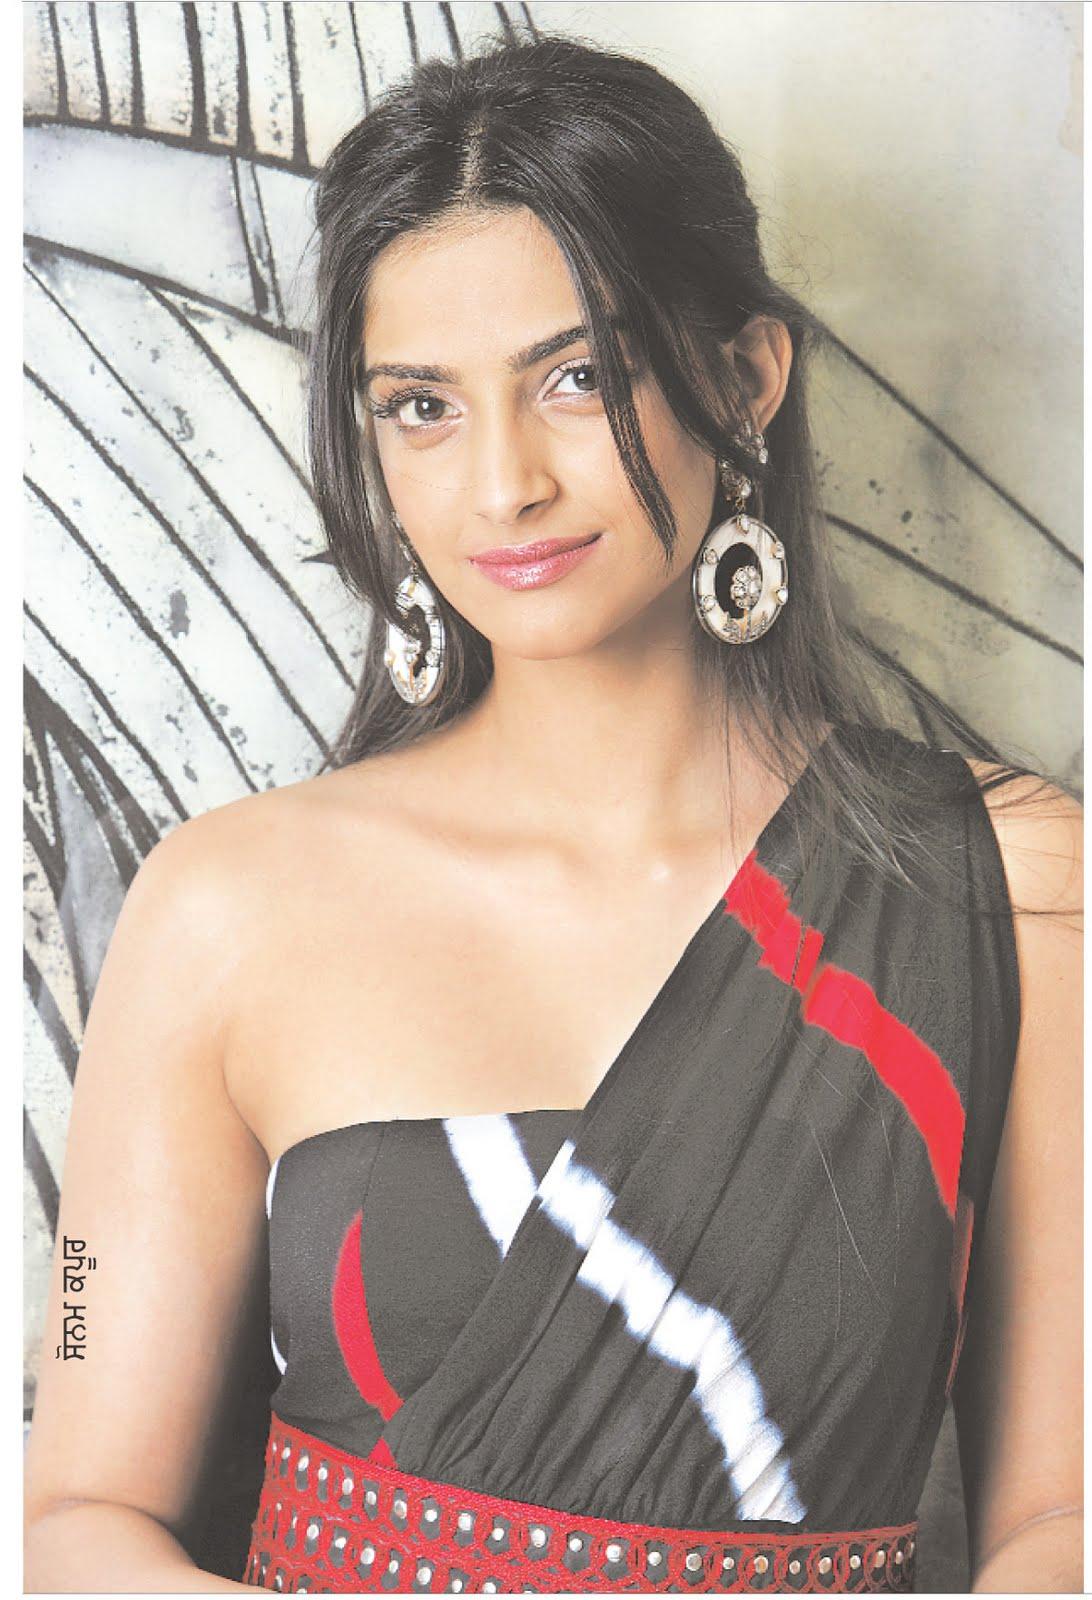 Sonam Kapoor Hot Stills  Indian Actress Hot Pics-2139